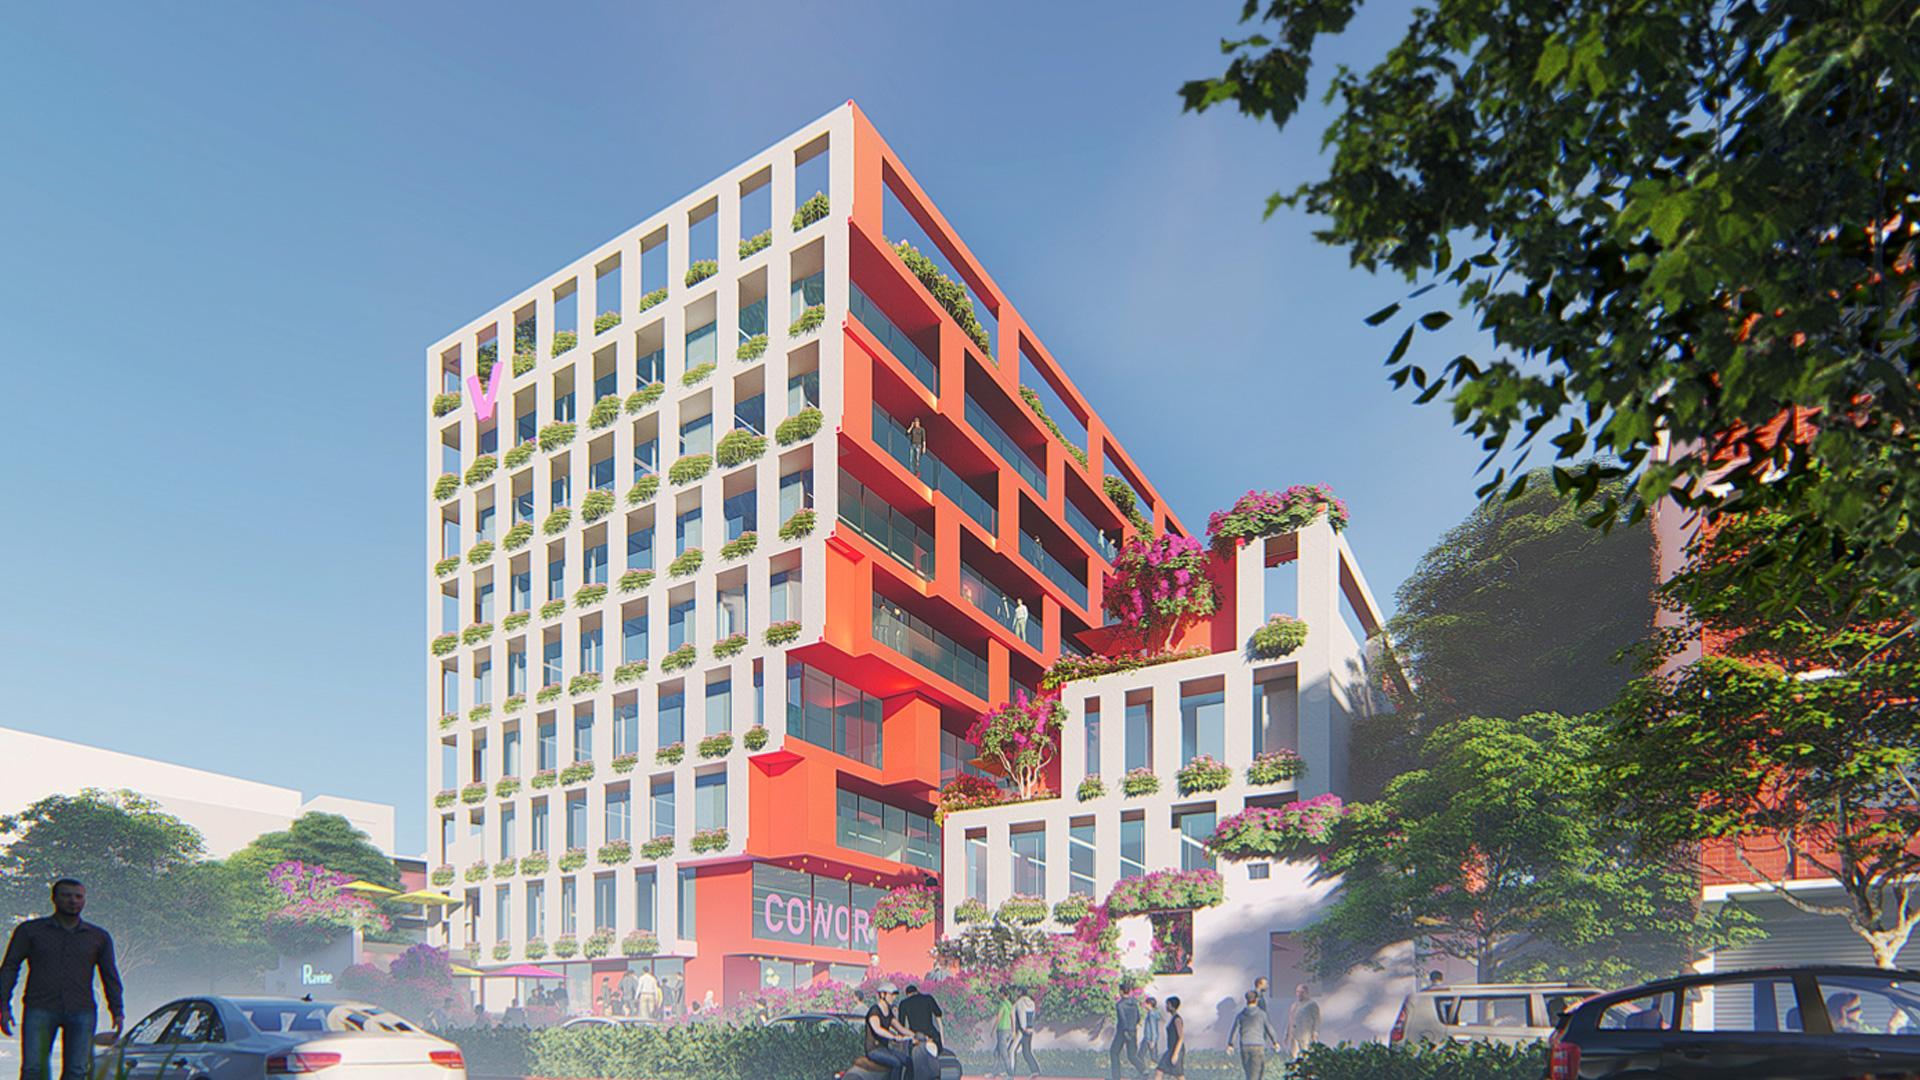 MAP_Design_Architecture_Retail_Mixed_Use_Architect_Kiran_Mathema_Shopping_arcade_Louver_facade_Street